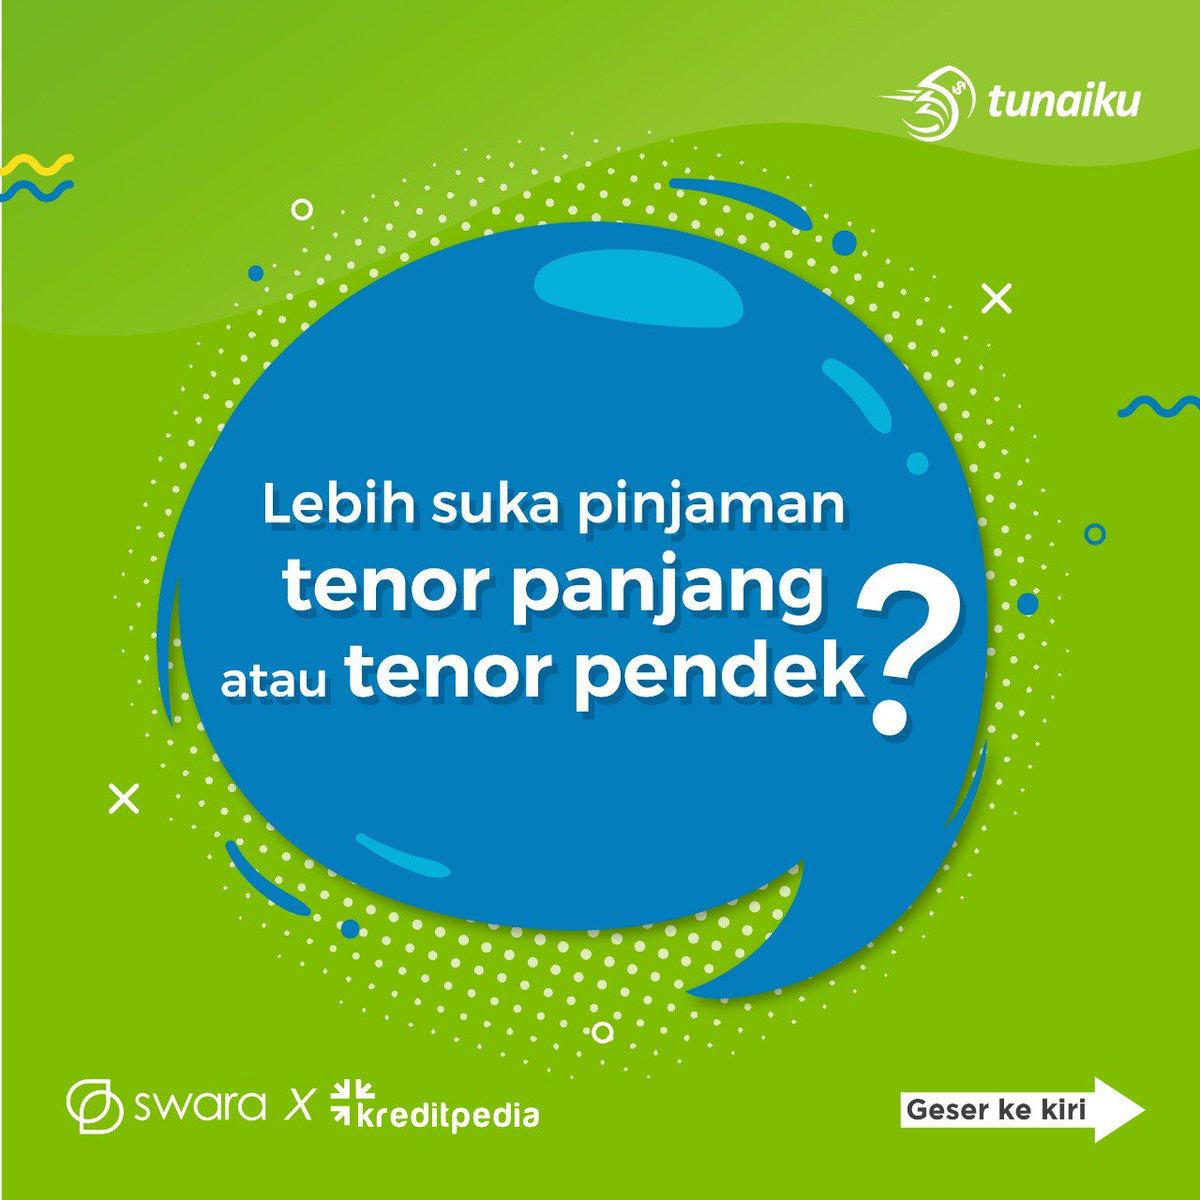 Amar Bank Tunaiku Daerah Khusus Ibukota Jakarta - Seputar Bank